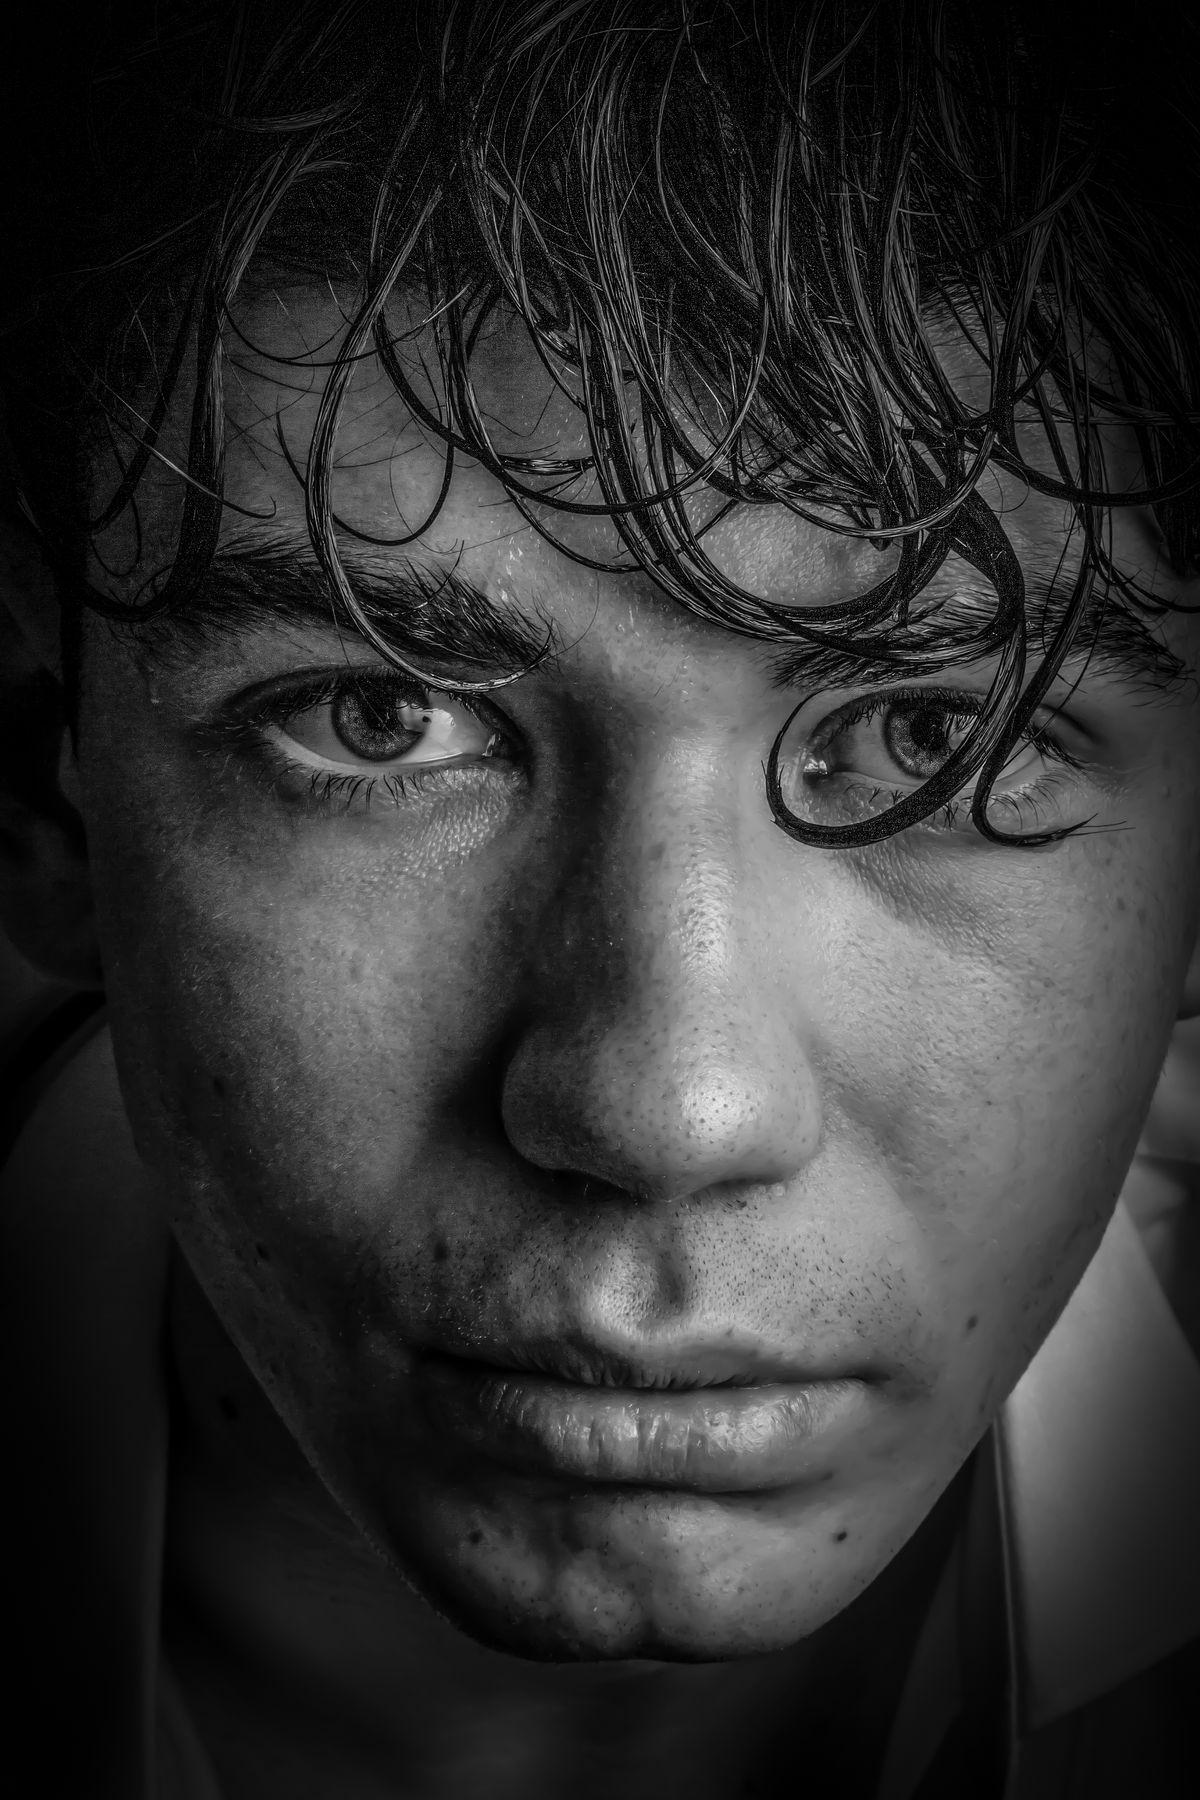 Портрет портрет чб низкий ключ